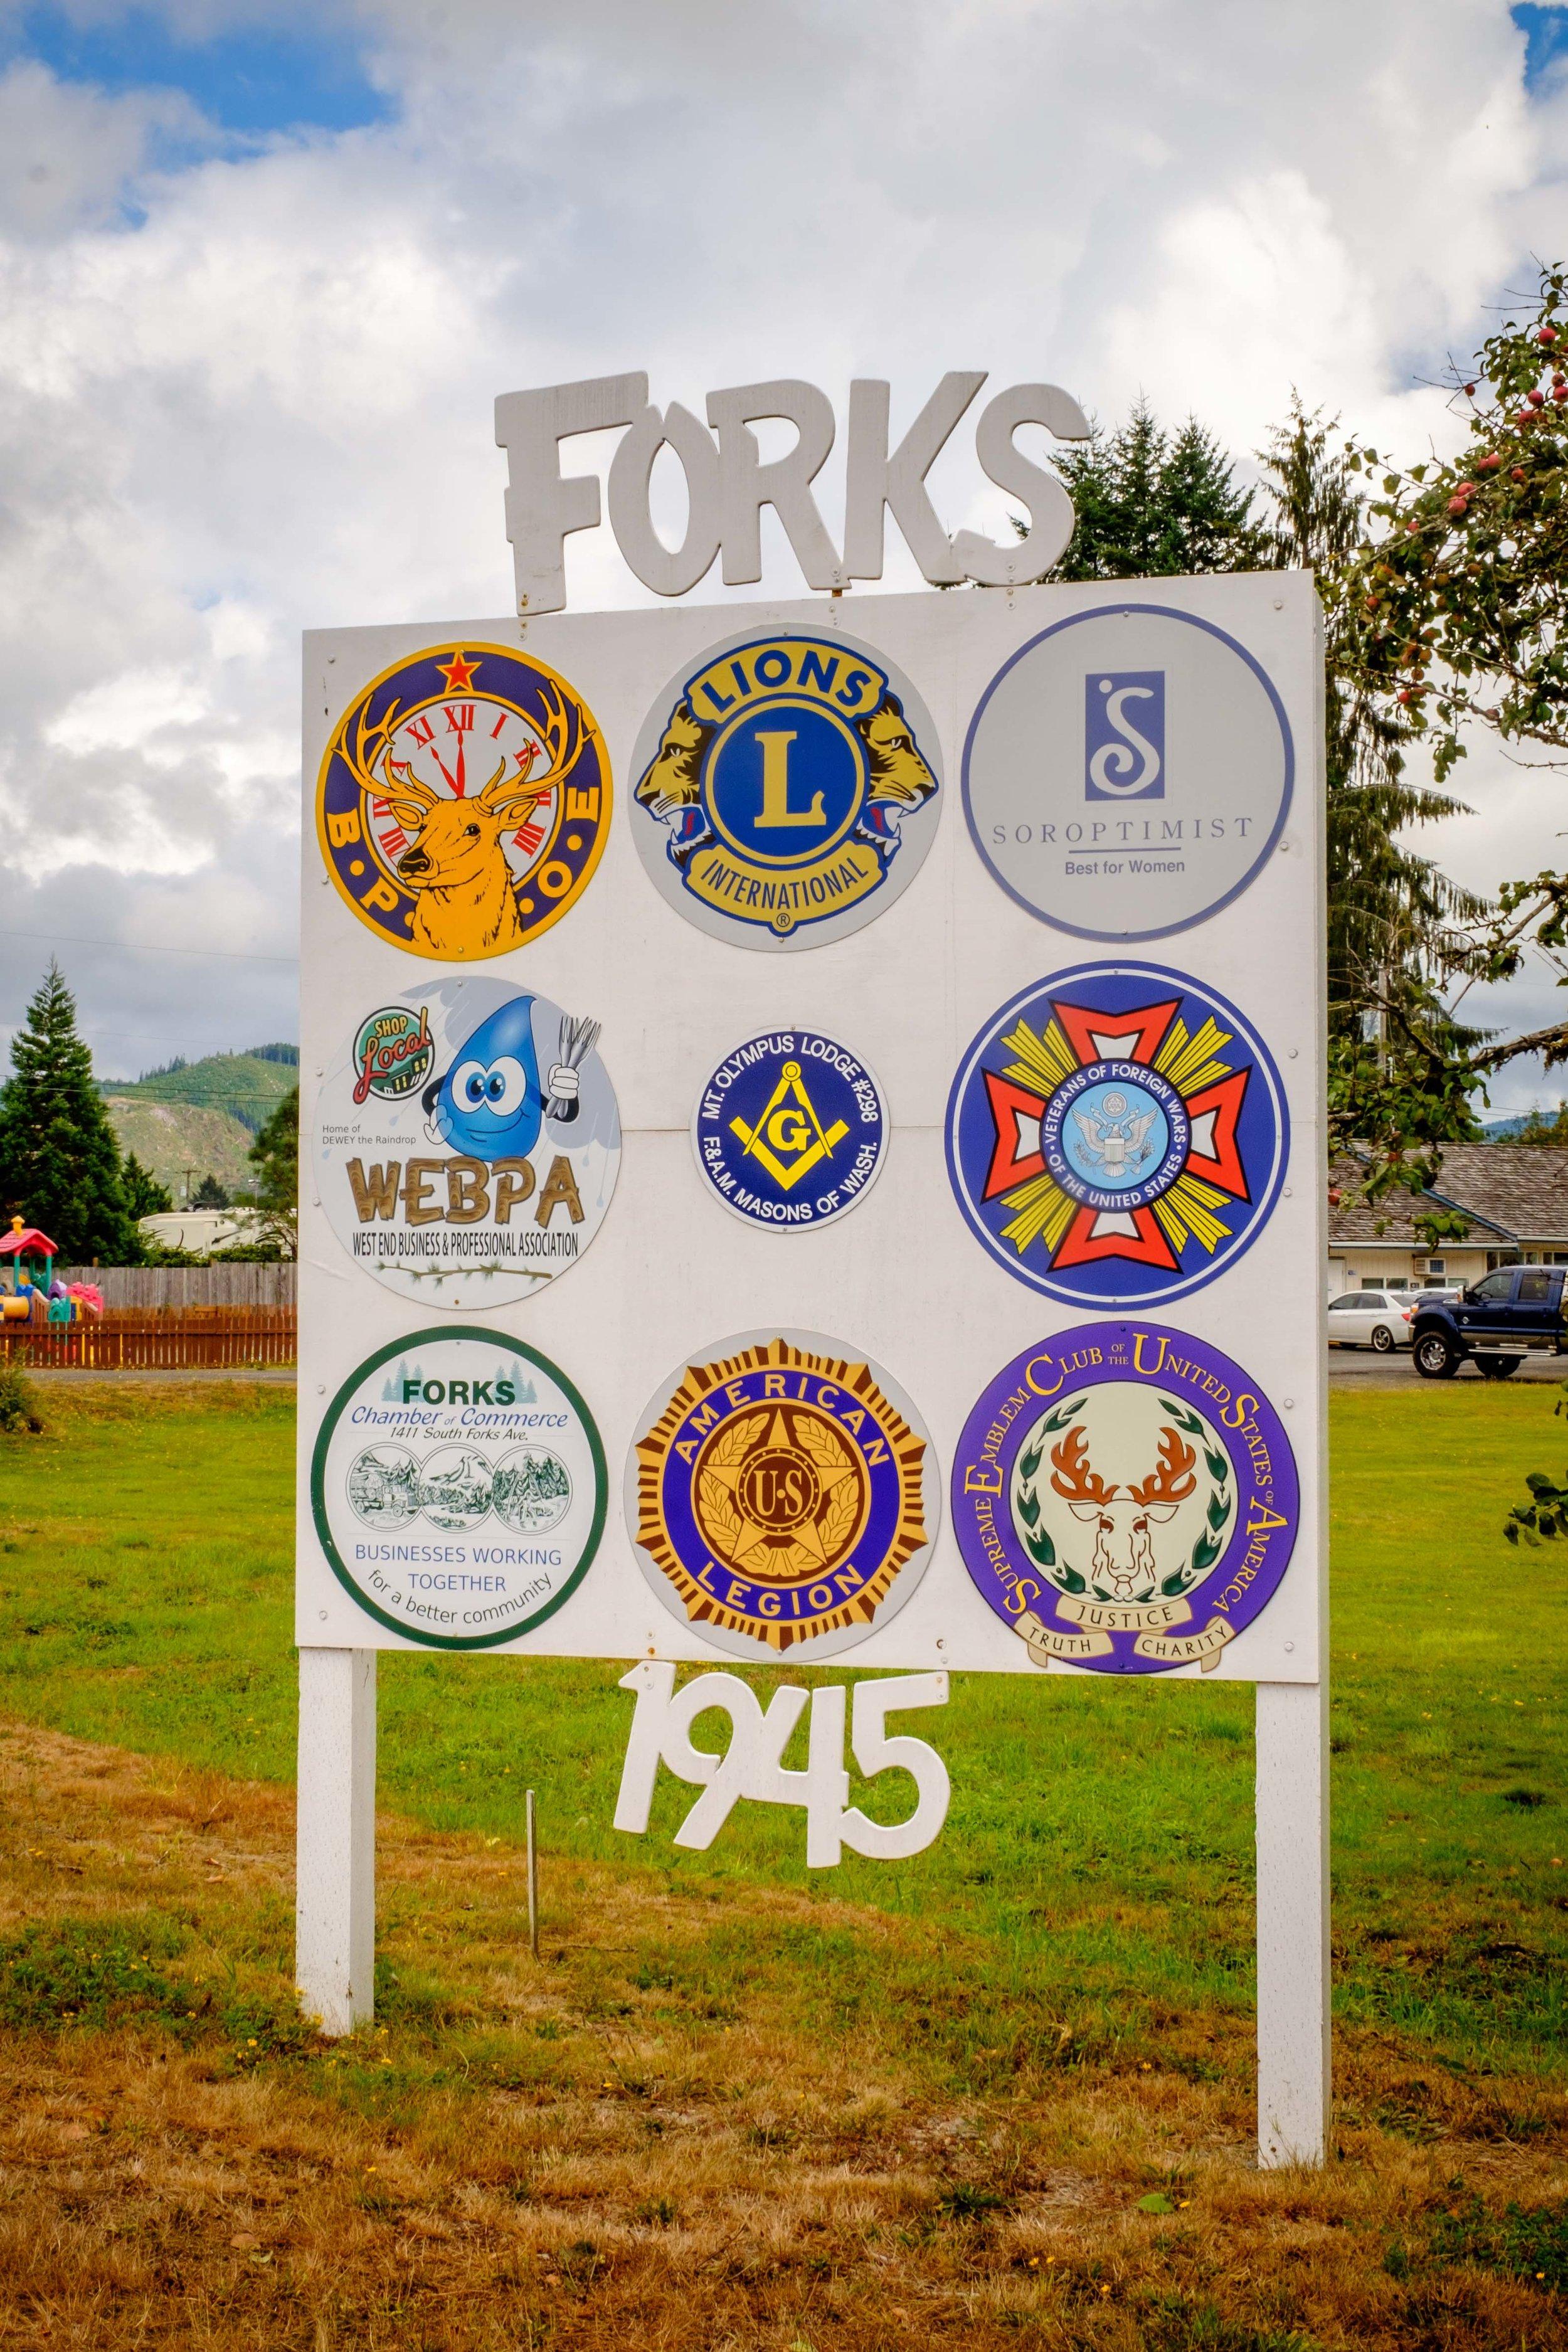 Forks! Where the vampires live. :)